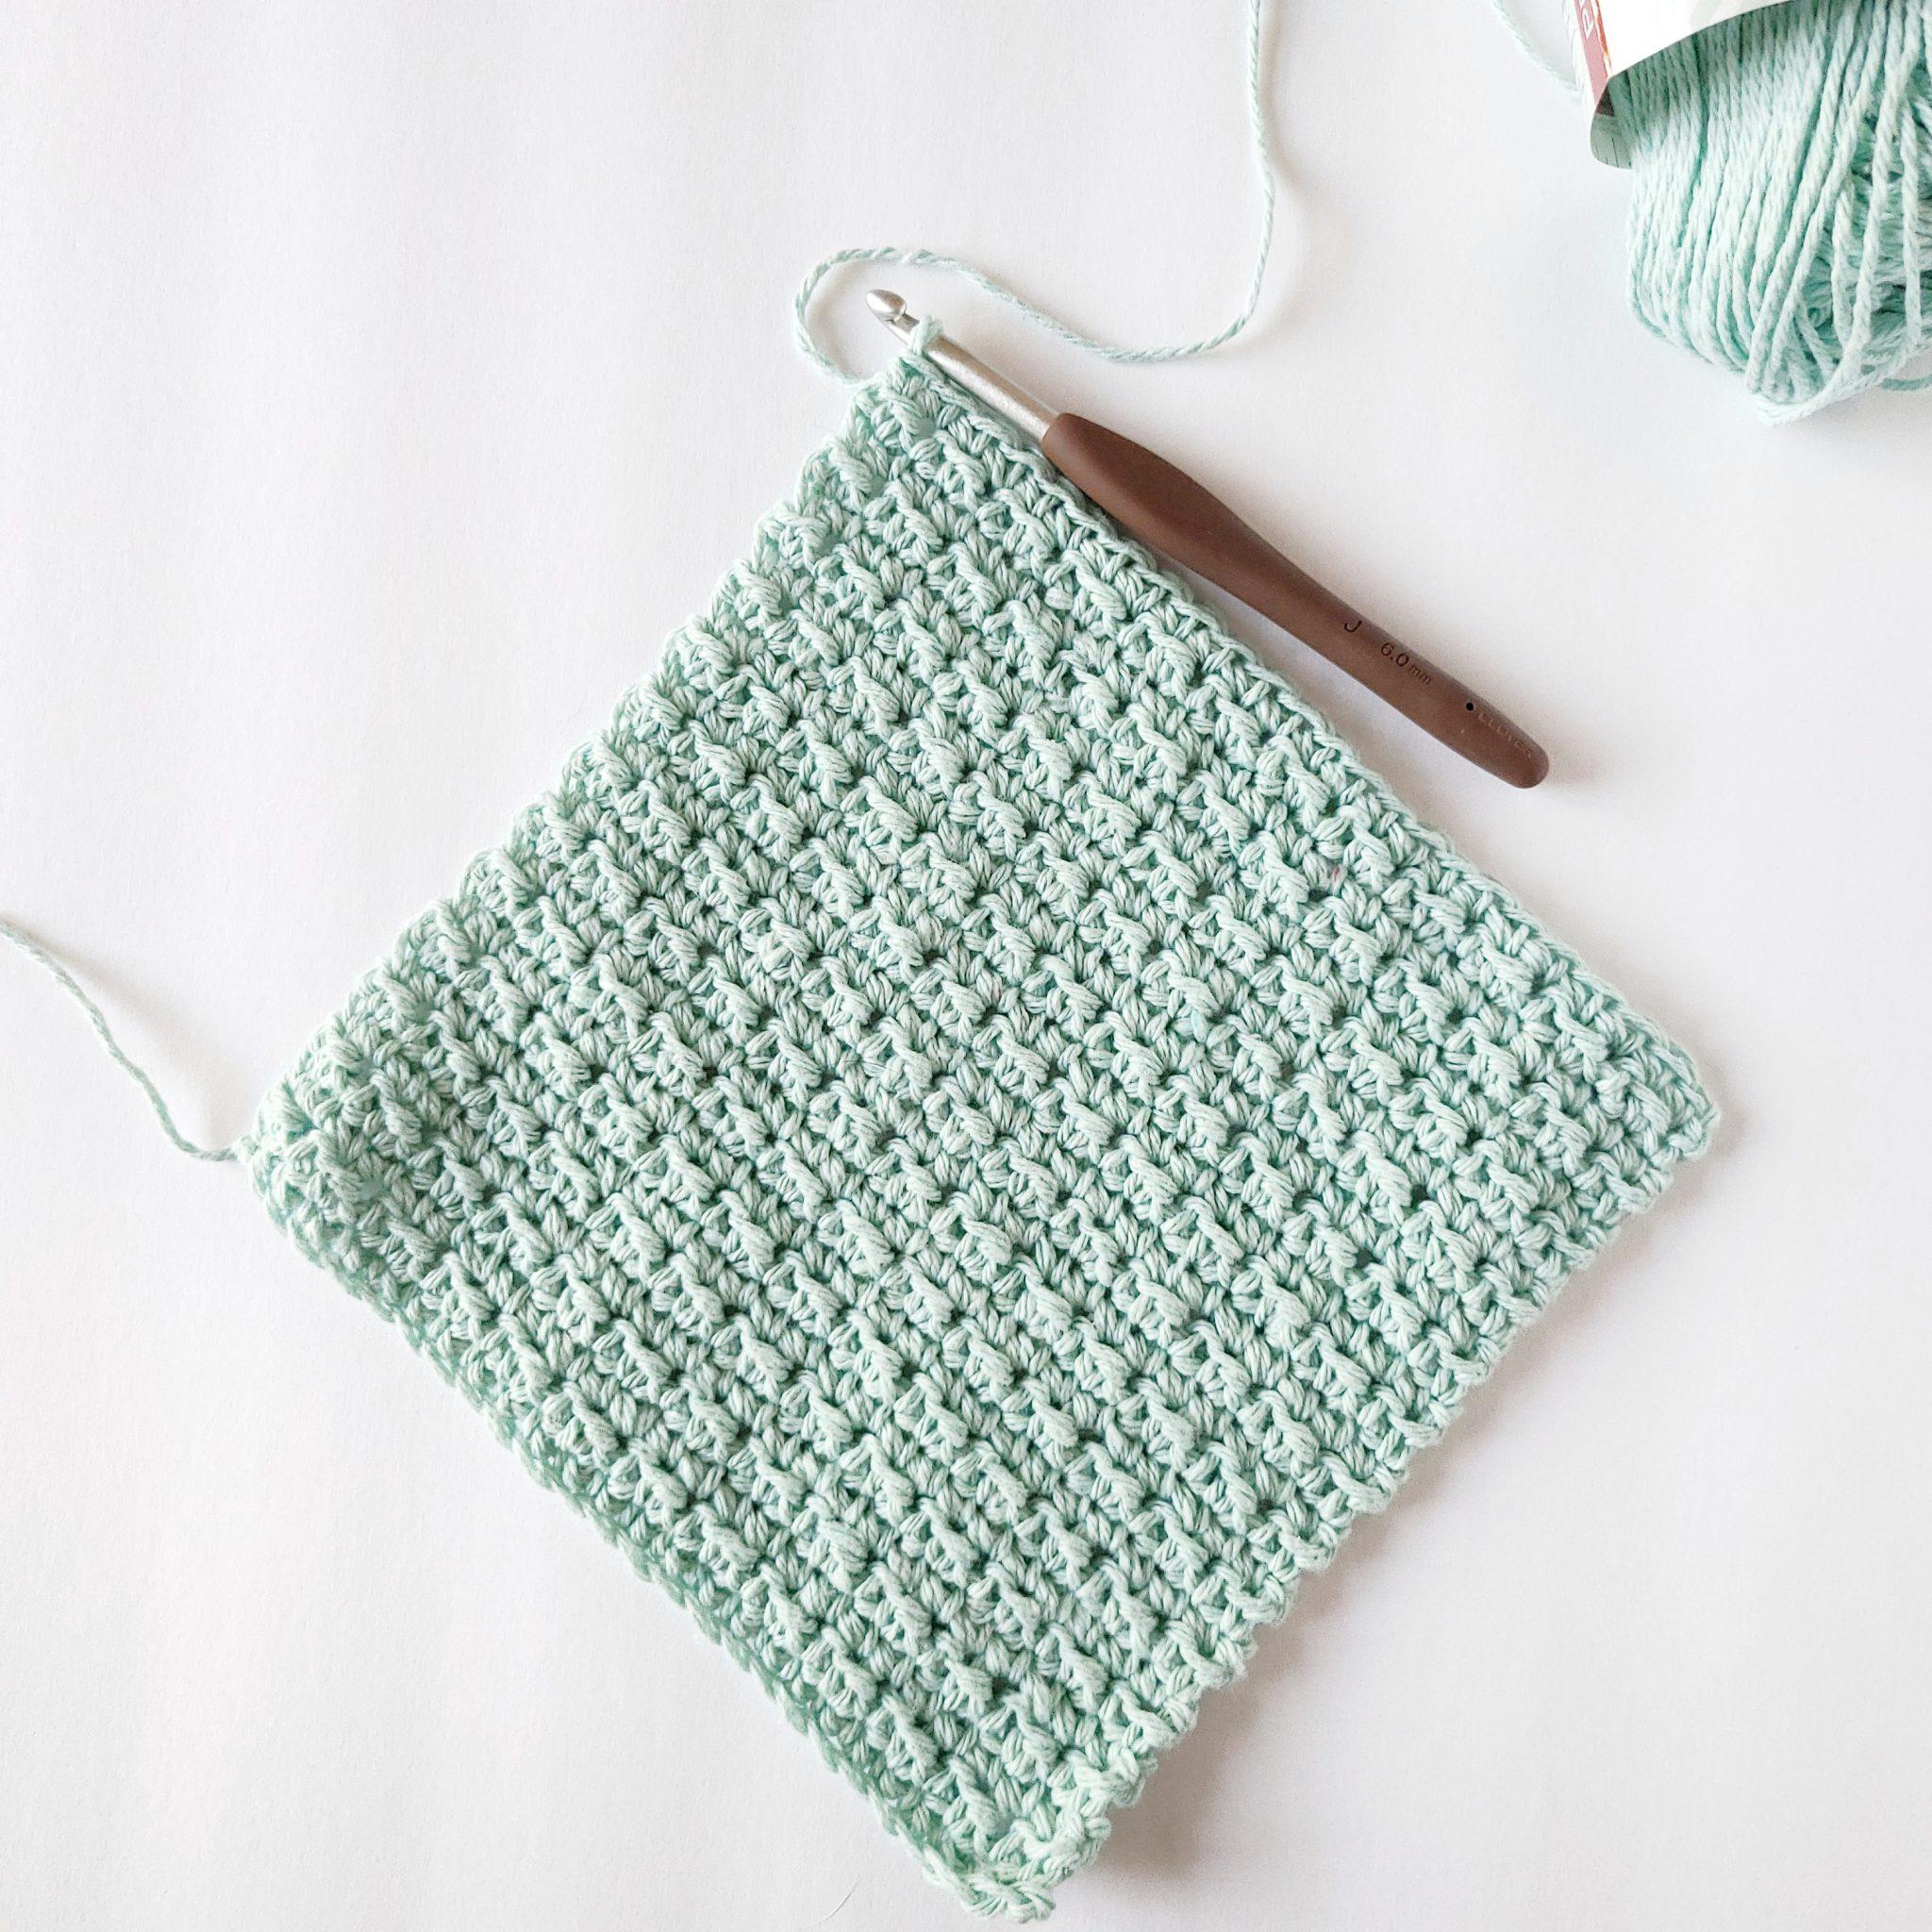 gant de toilette au crochet de couleur menthe